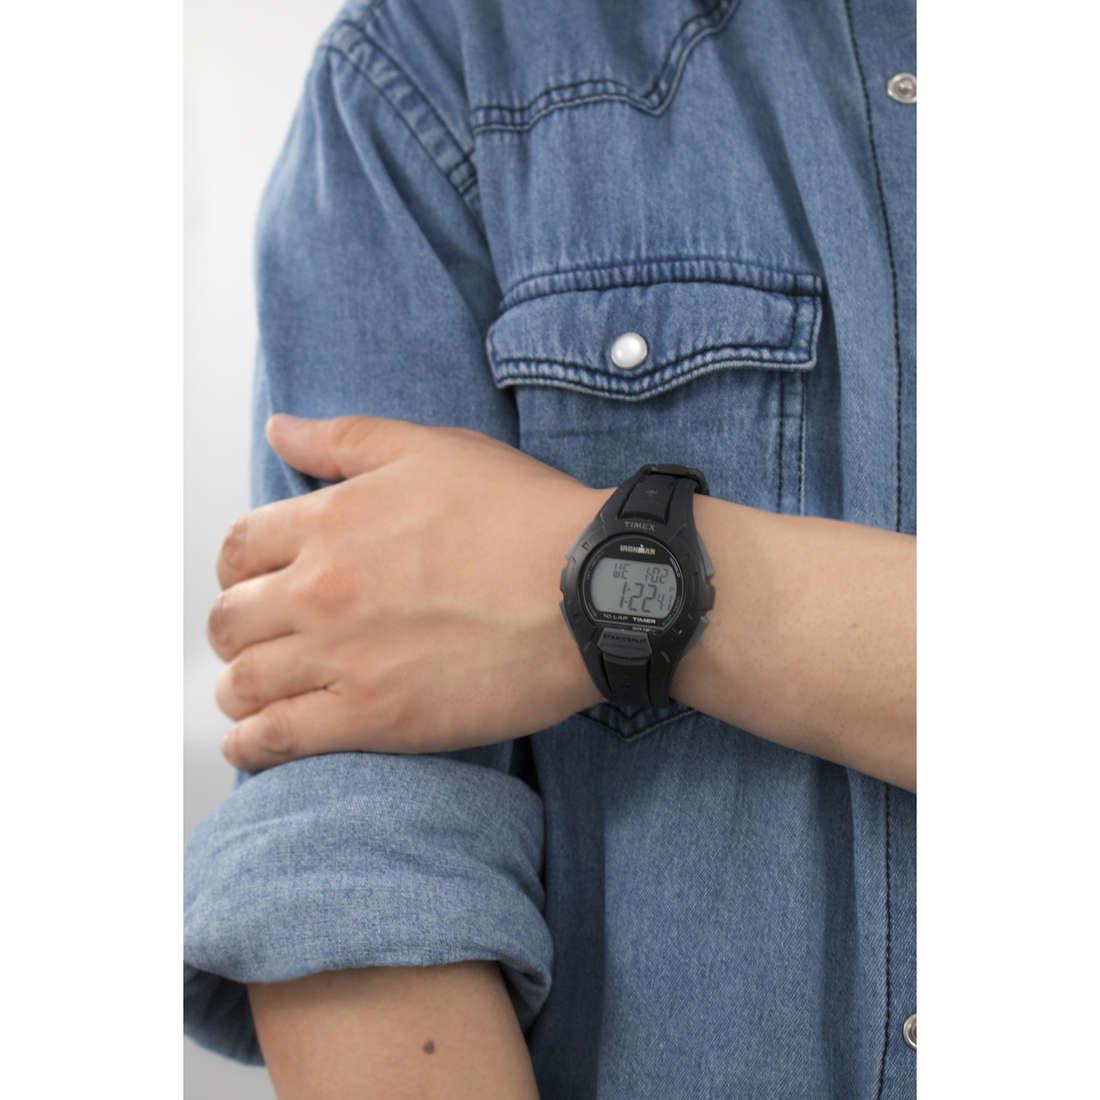 Timex digitali Irm 10 Lap uomo TW5K94000 indosso